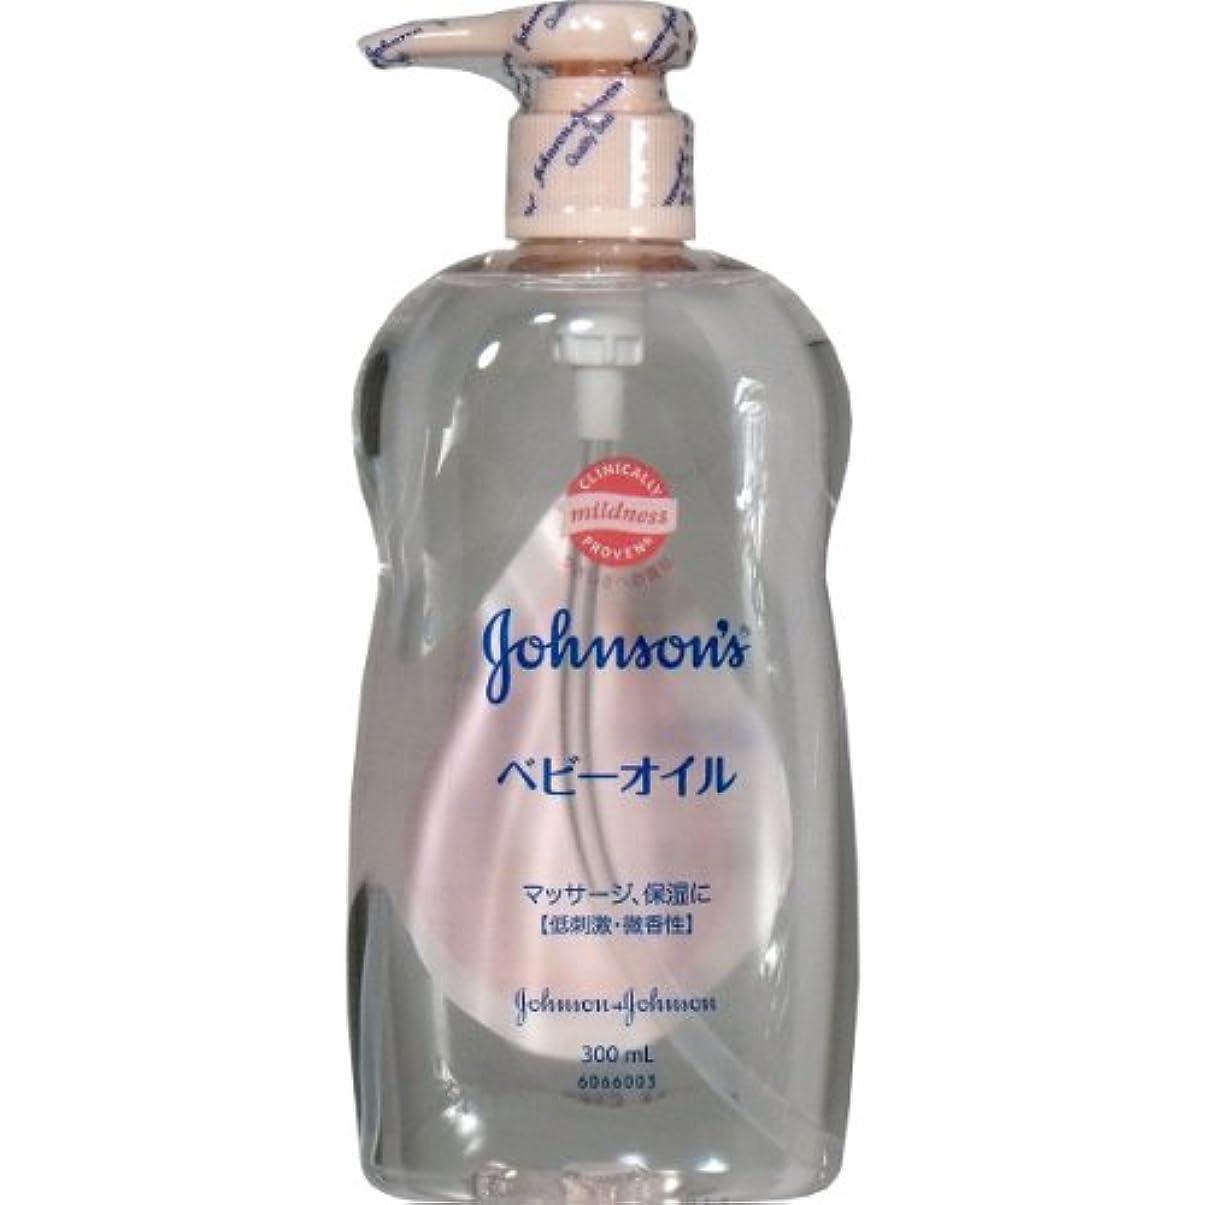 ジョンソン ベビー ベビーオイル 微香性 300ml×2個セット